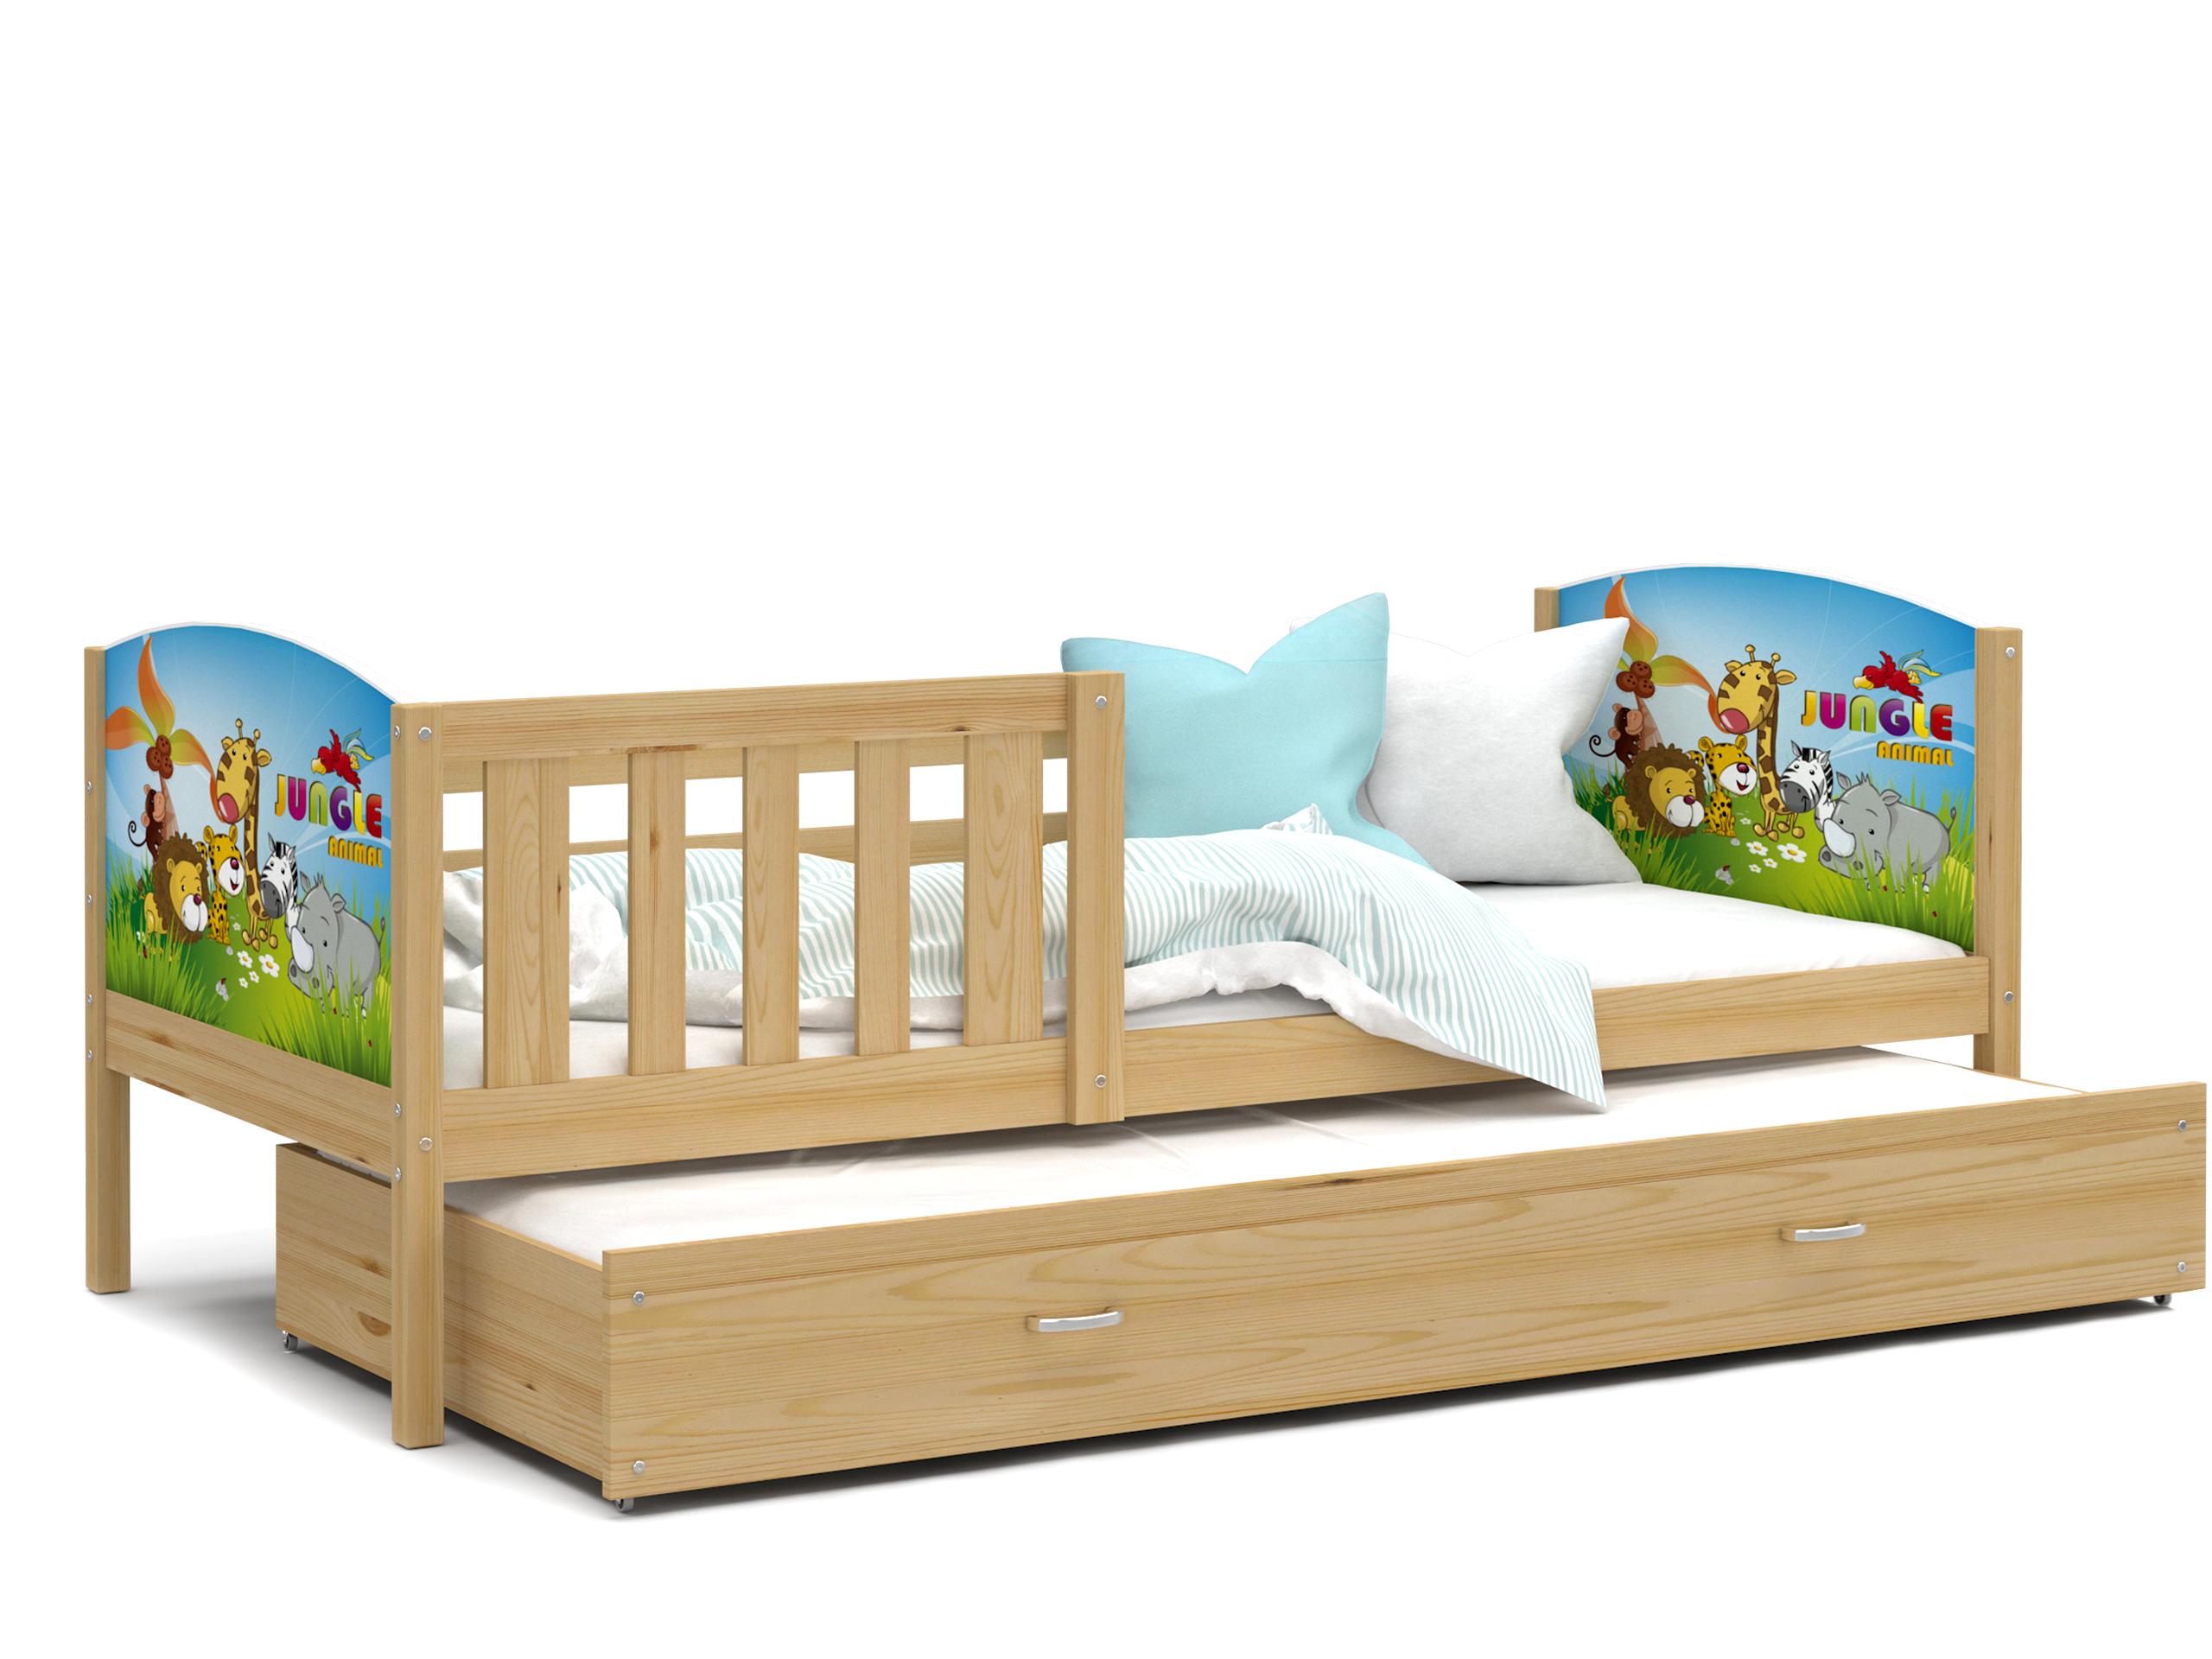 ArtAJ Detská posteľ Tami P2 / borovica Tami rozmer: 190 x 80 cm + prístelka 184 x 80 cm, s matracom